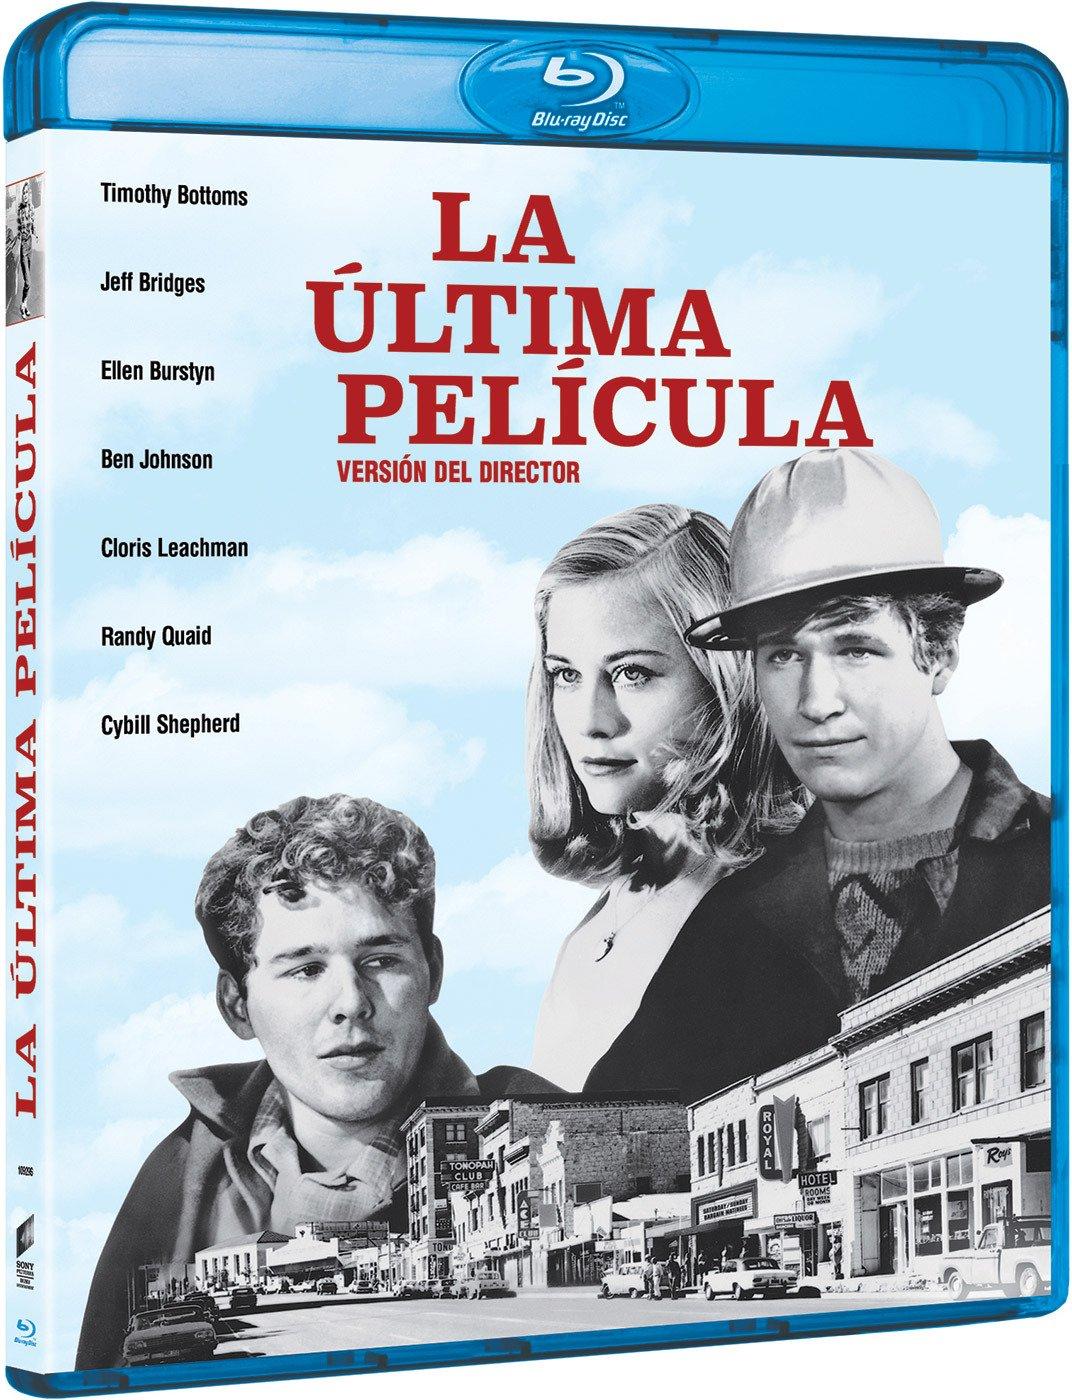 La Ultima Película [Blu-ray]: Amazon.es: Timothy Bottoms, Jeff ...